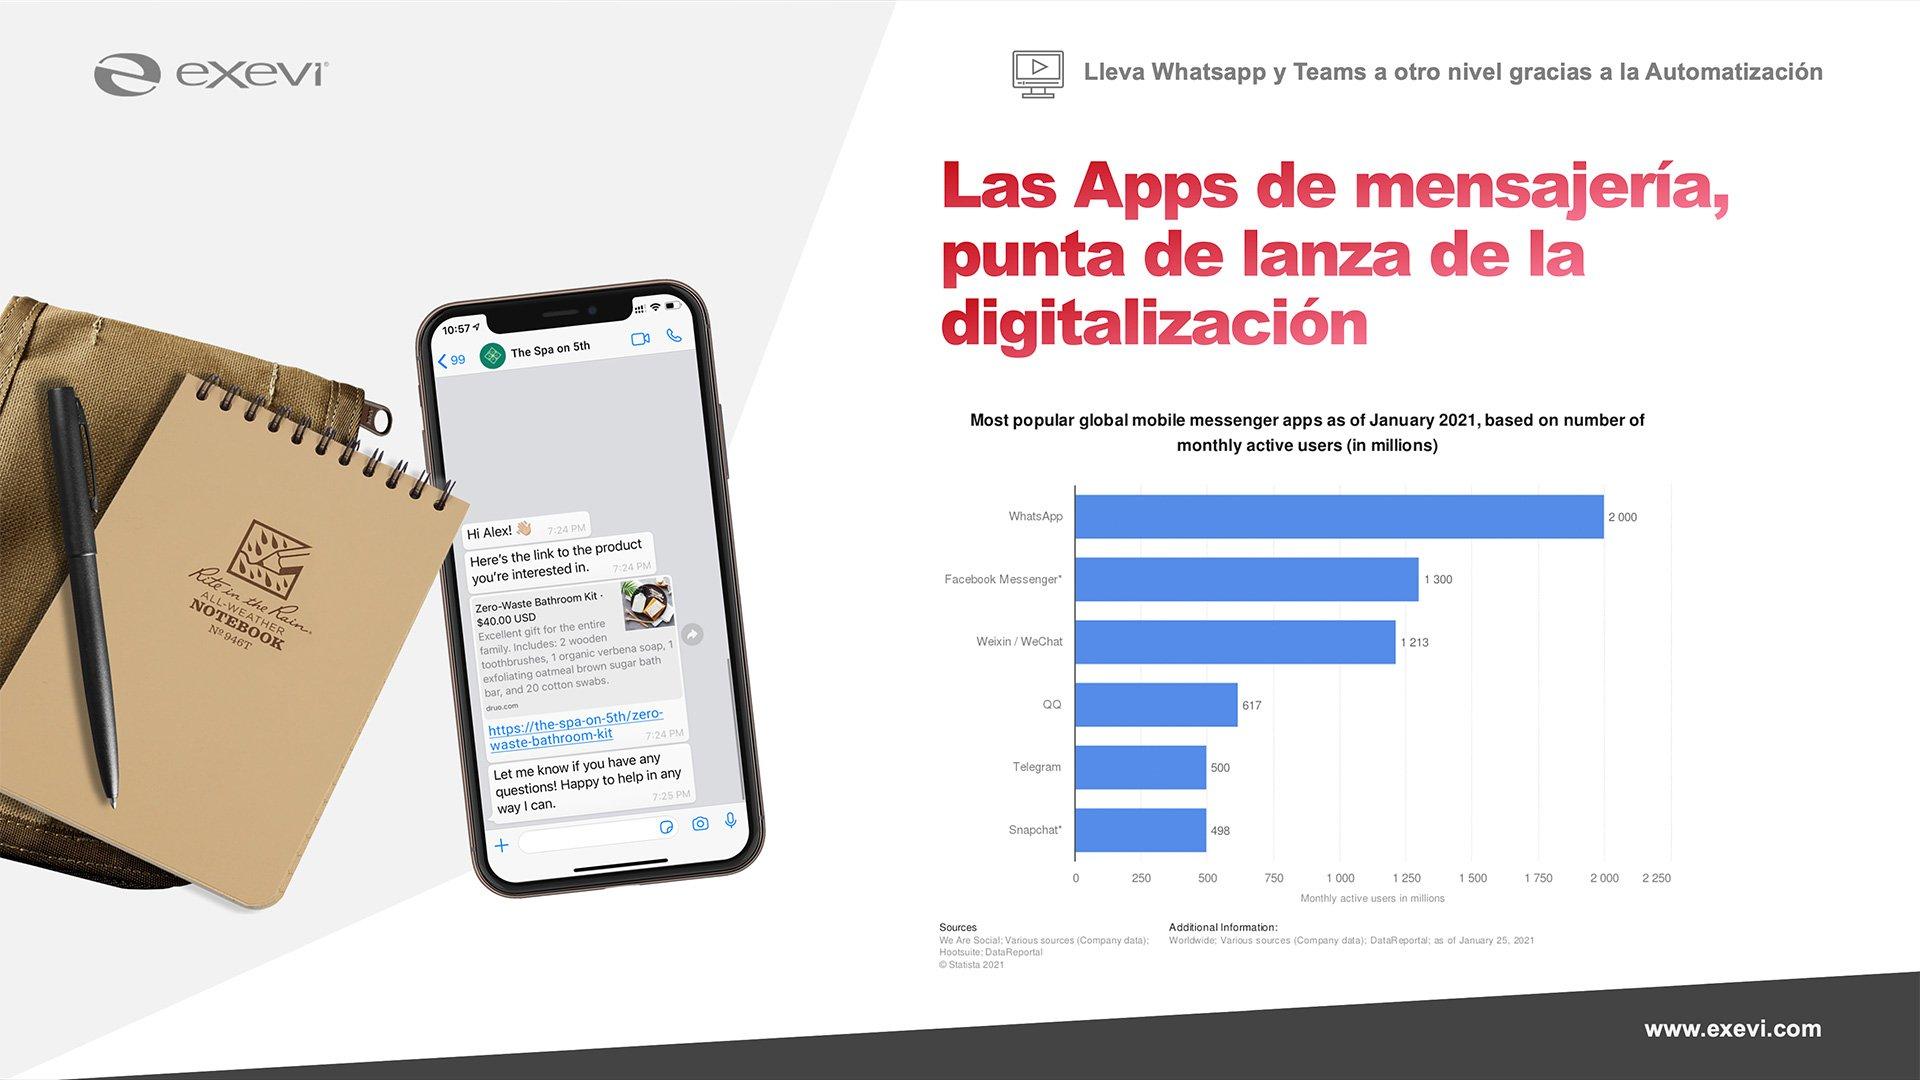 Las apps de mensajería, punta de lanza de la digitalización